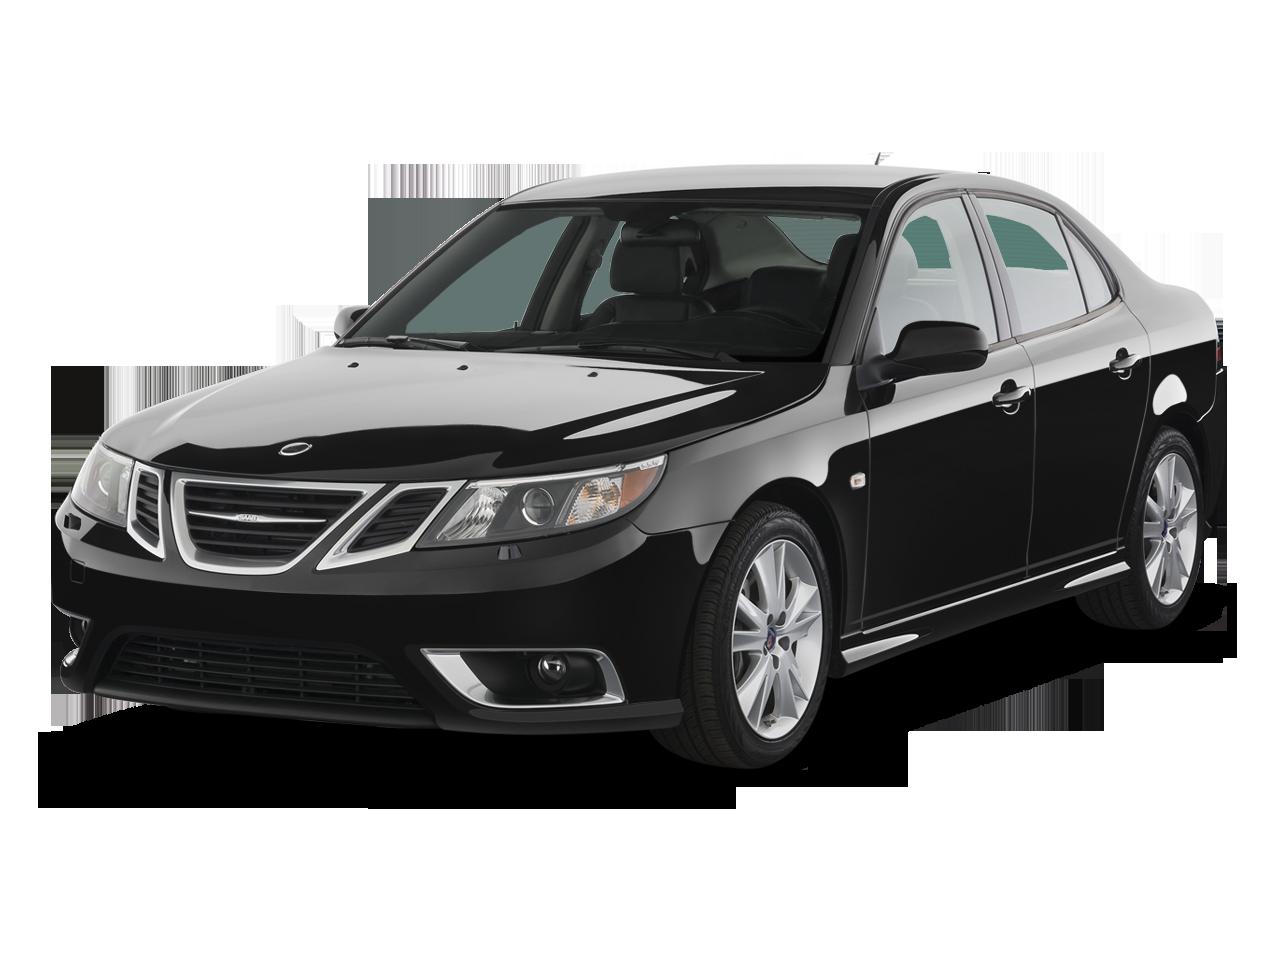 Death Of Saab Saab History And Timeline Automobile Magazine